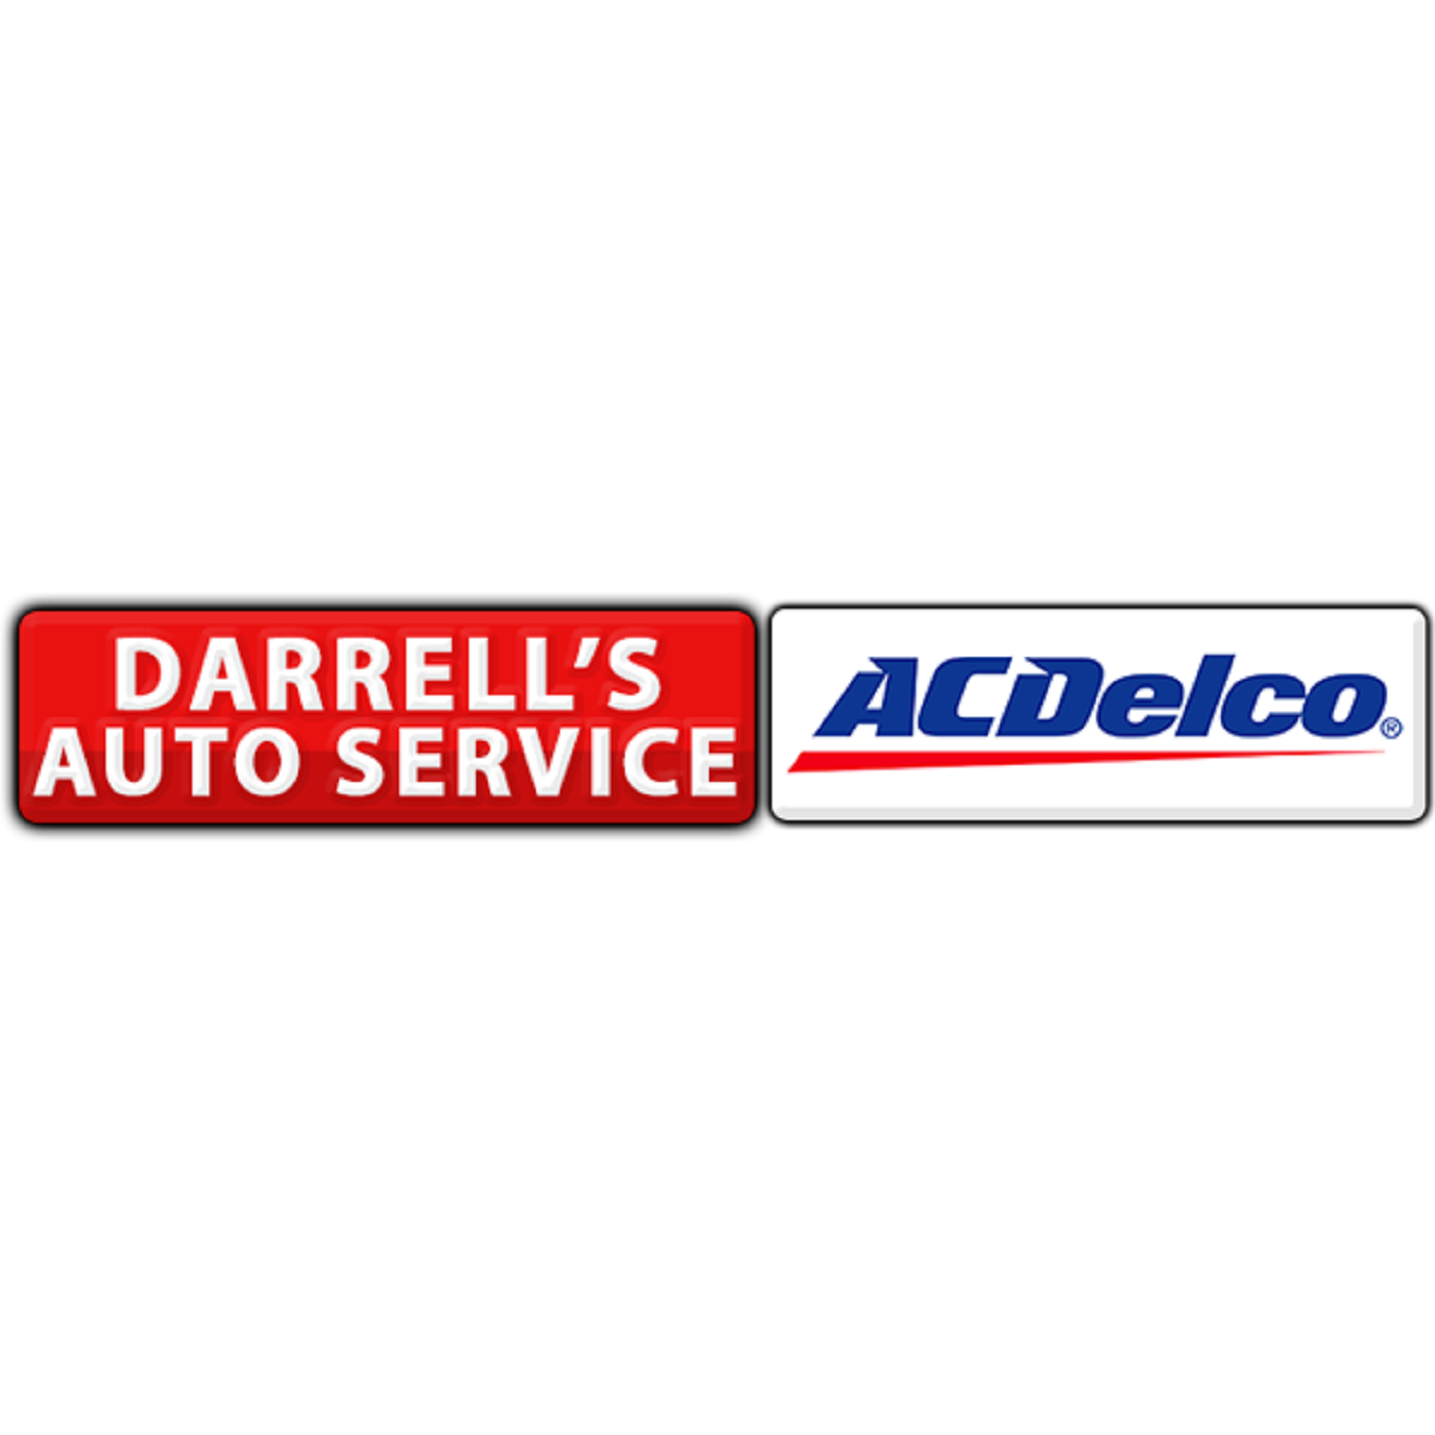 Darrell's Auto Service Inc